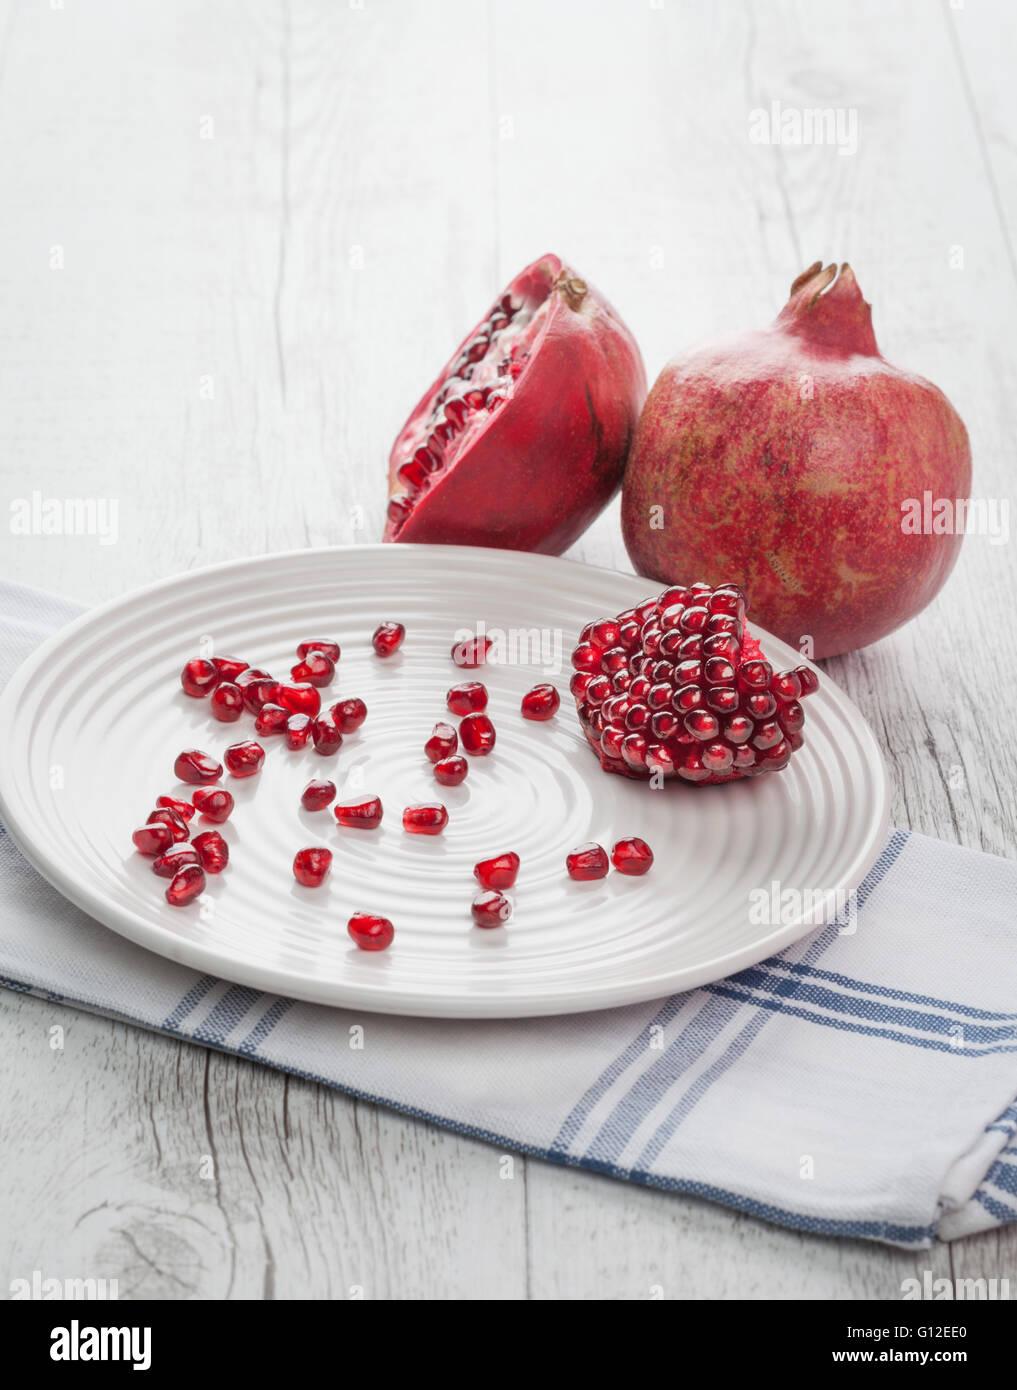 Granatapfel Ganzes, die Hälfte und Samen auf weißen Teller. Vertikales Bild mit Hintergrundbeleuchtung. Stockbild